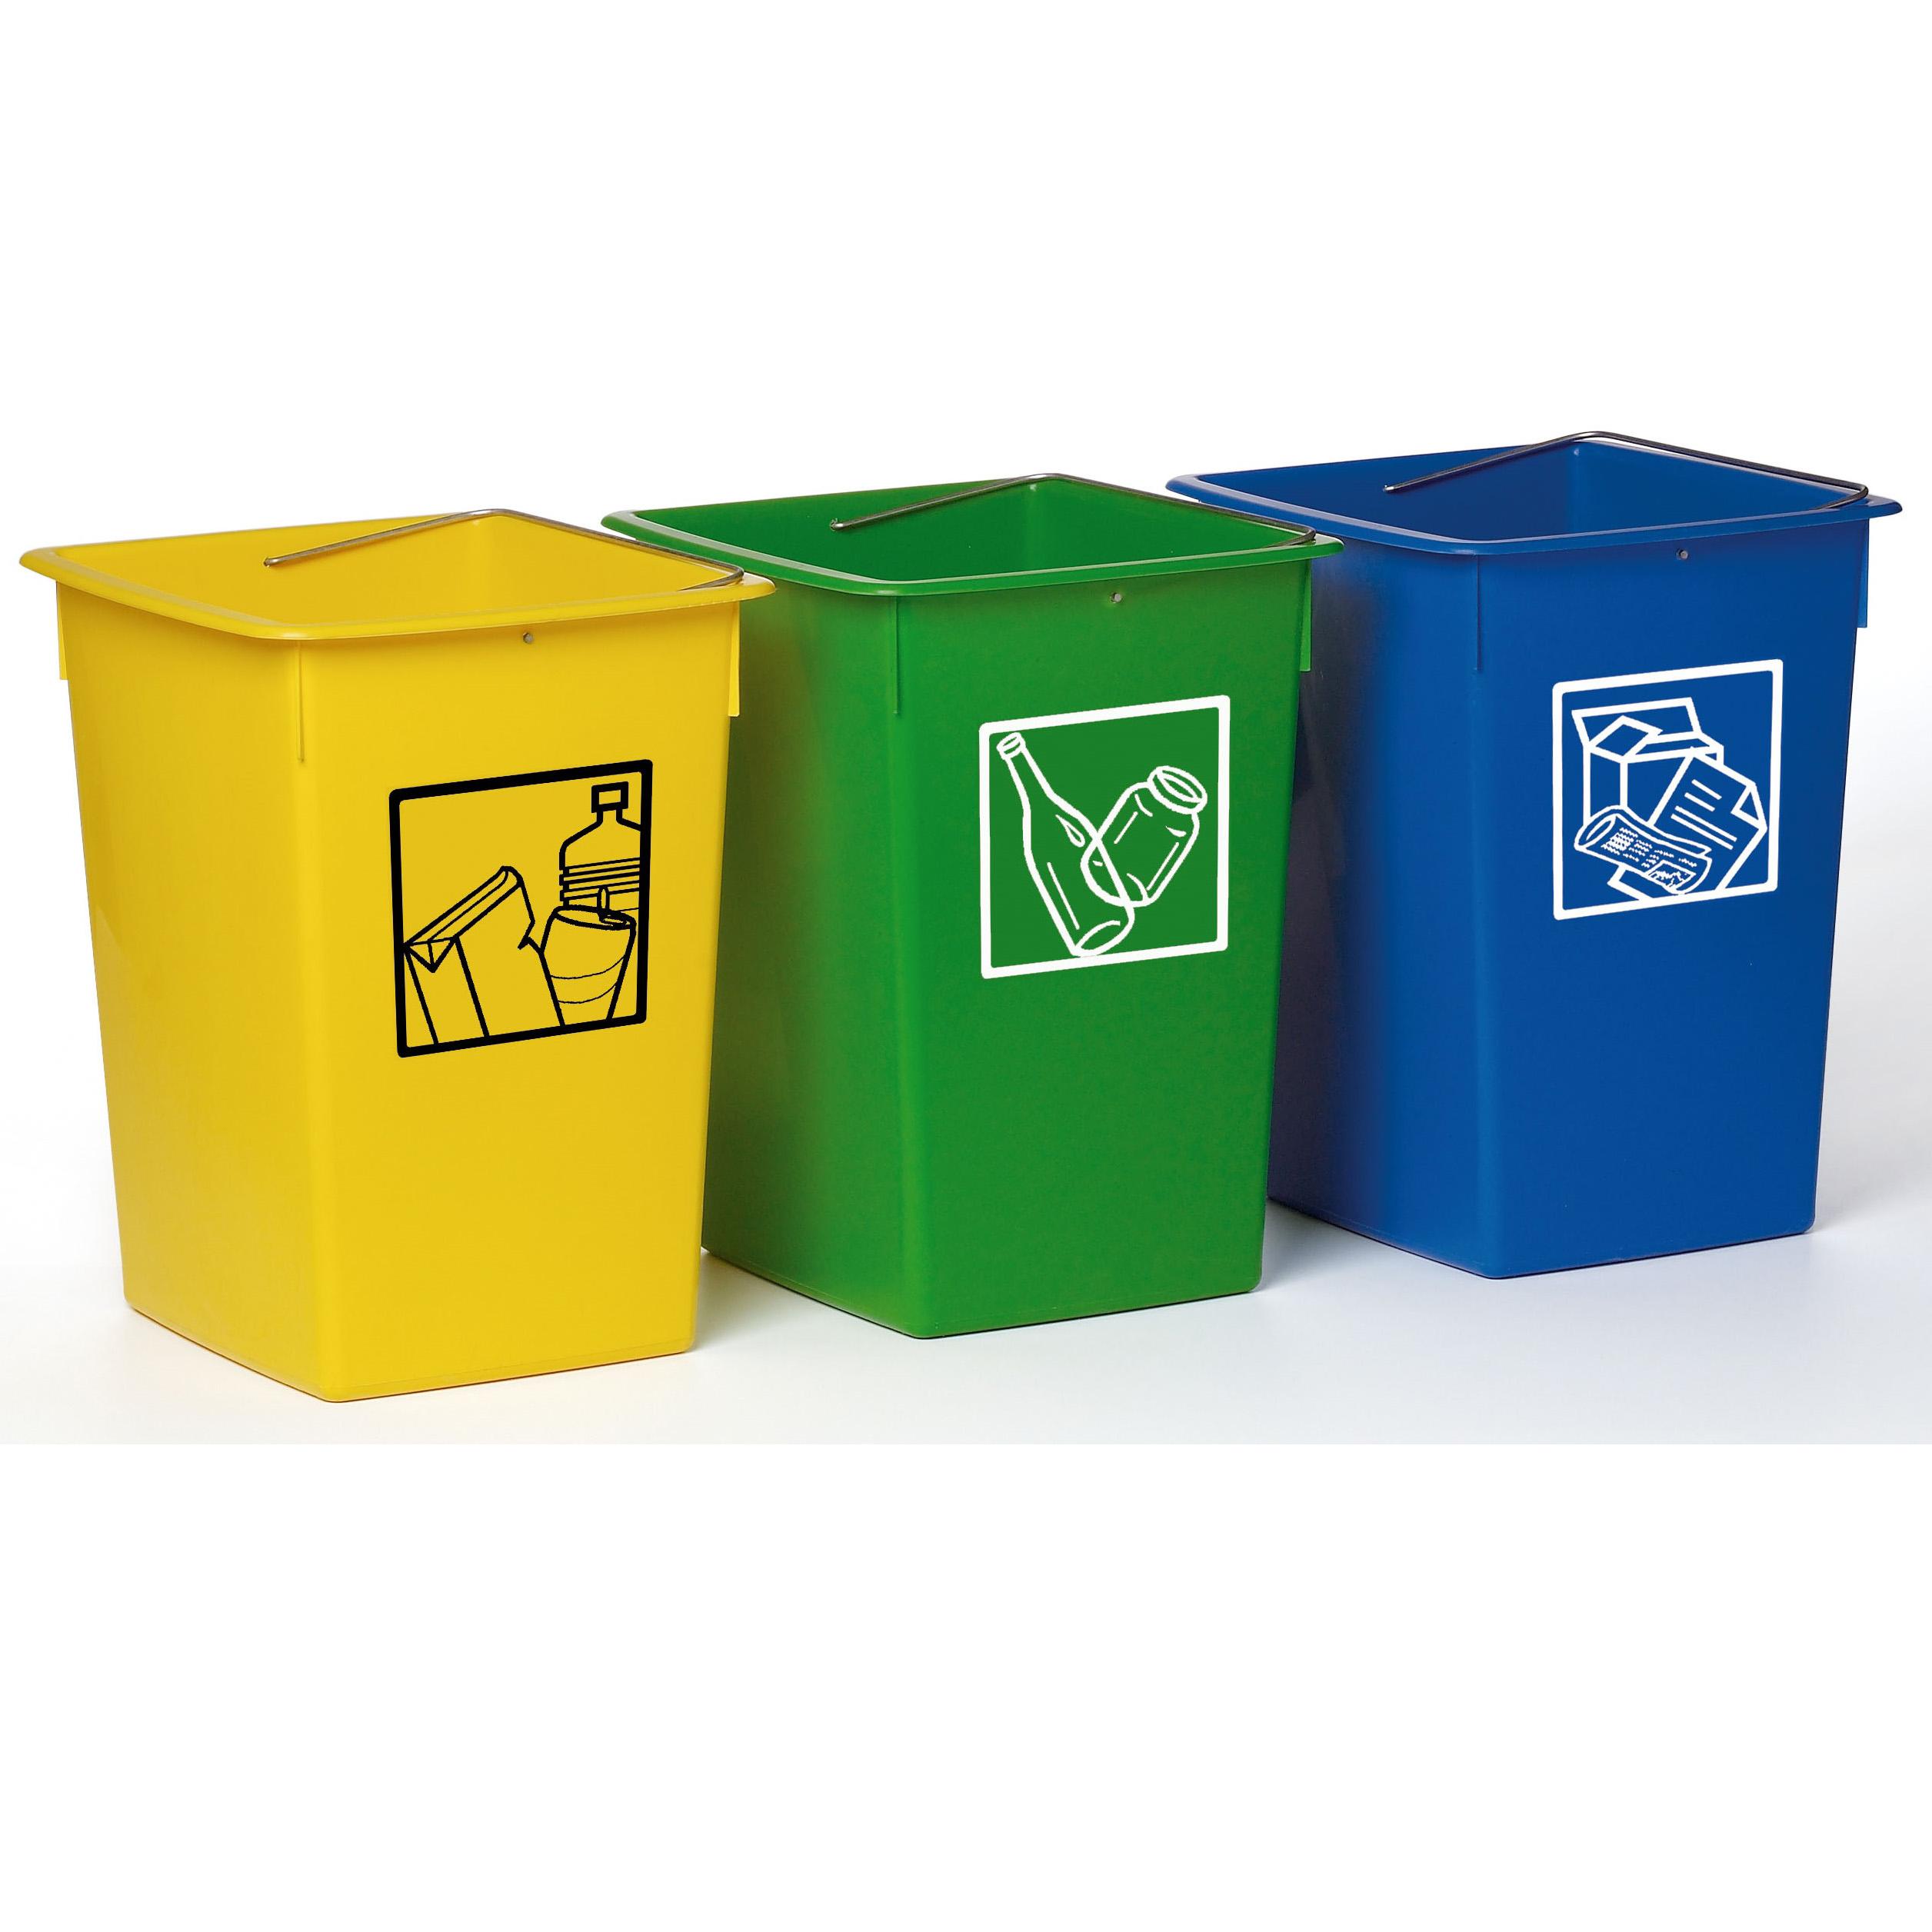 Cubo de reciclaje fervik 26 lts mas masi la tienda for Cubos de reciclaje ikea